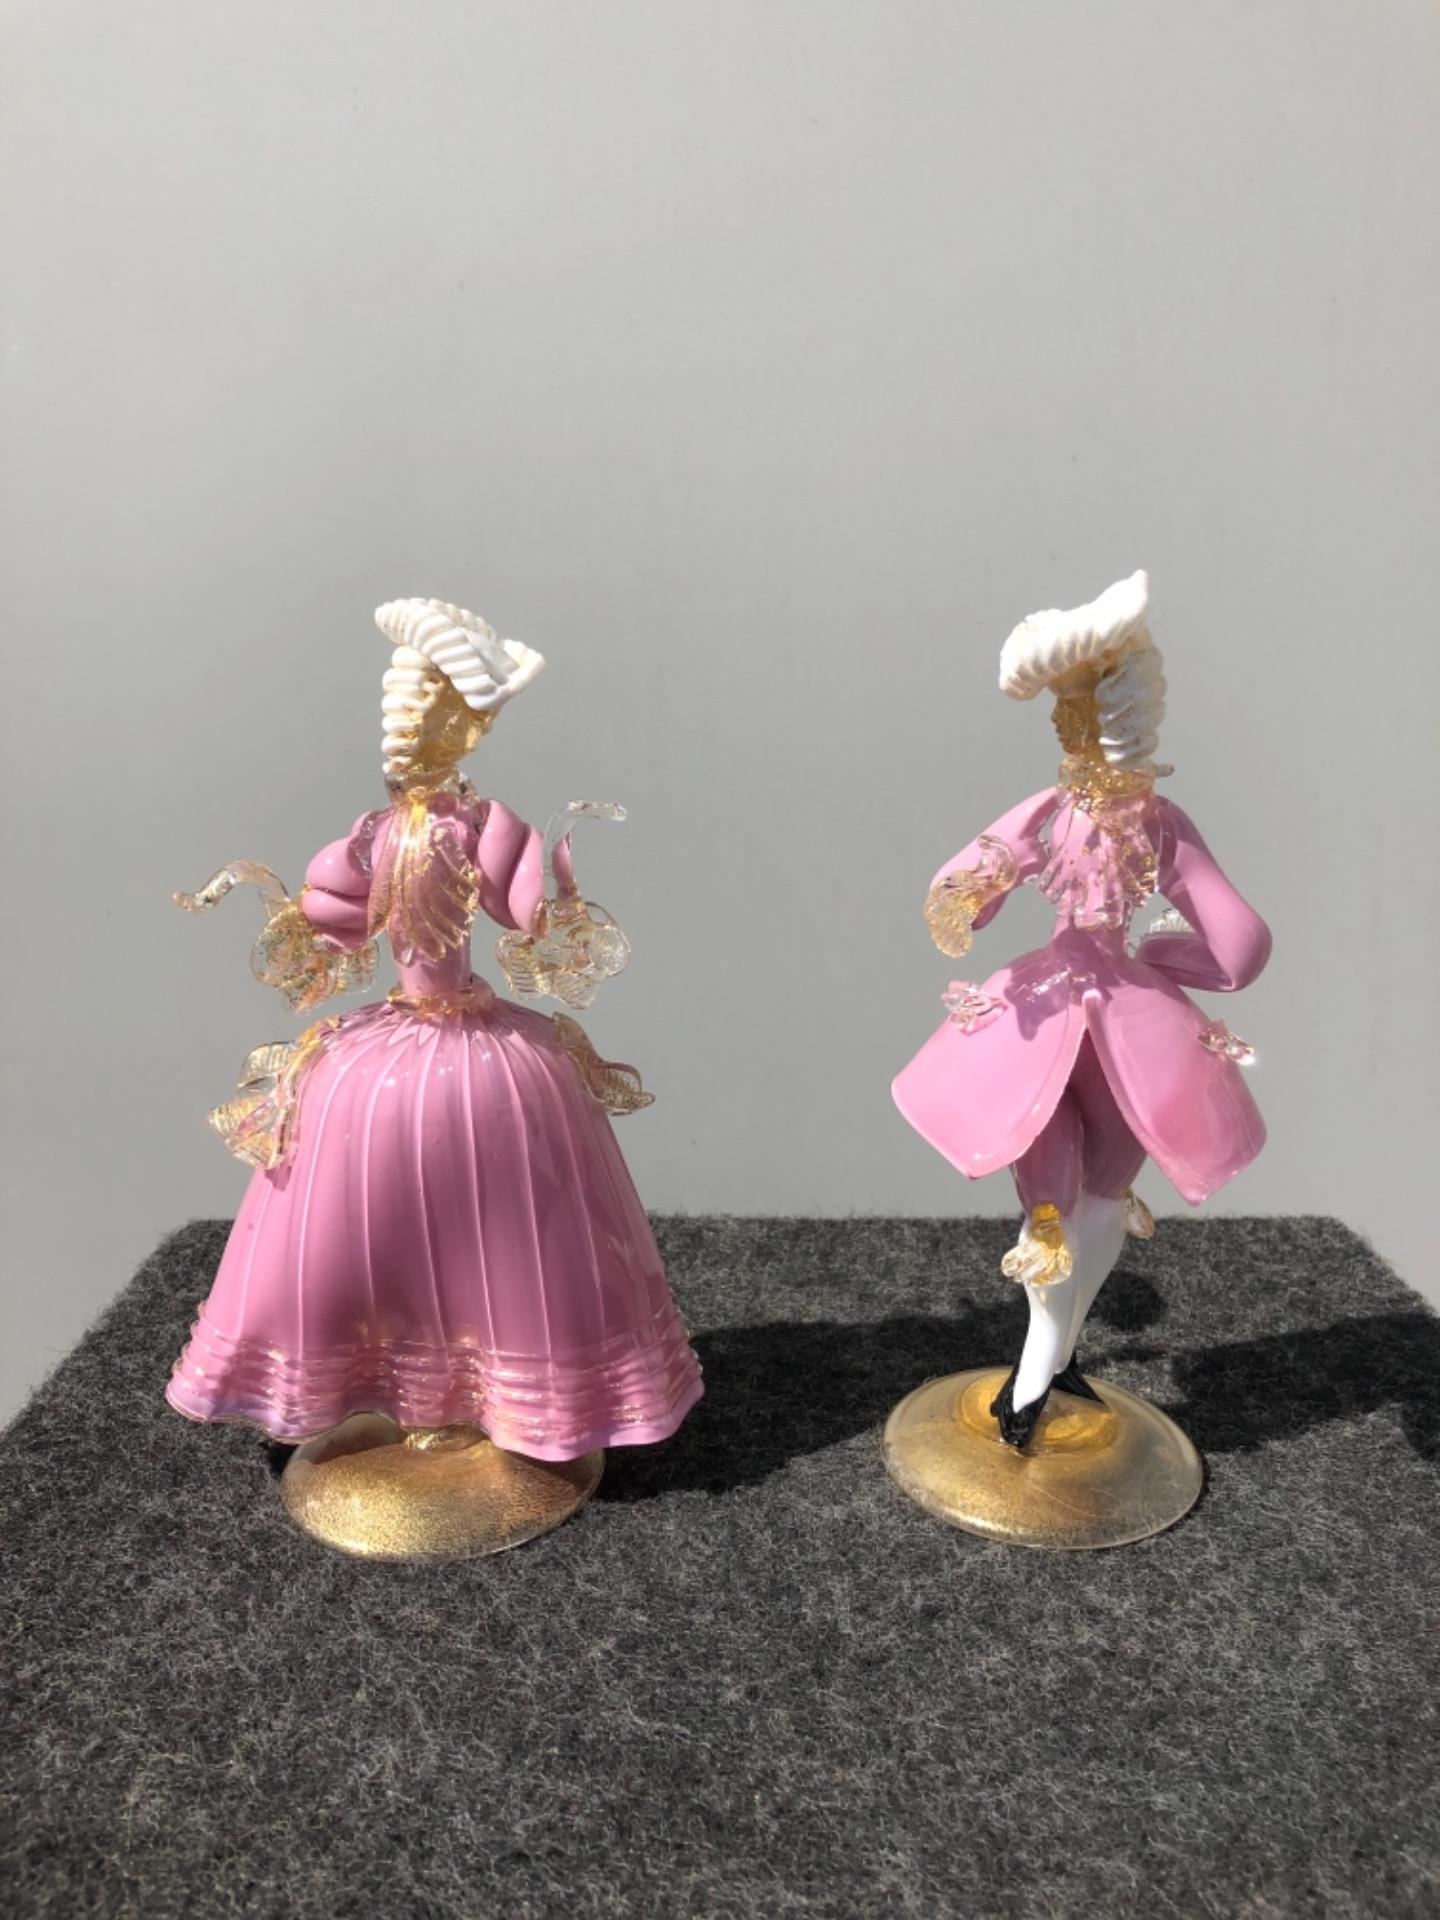 Coppia di figure cavaliere e dama in vetro con inclusioni in oro.Murano